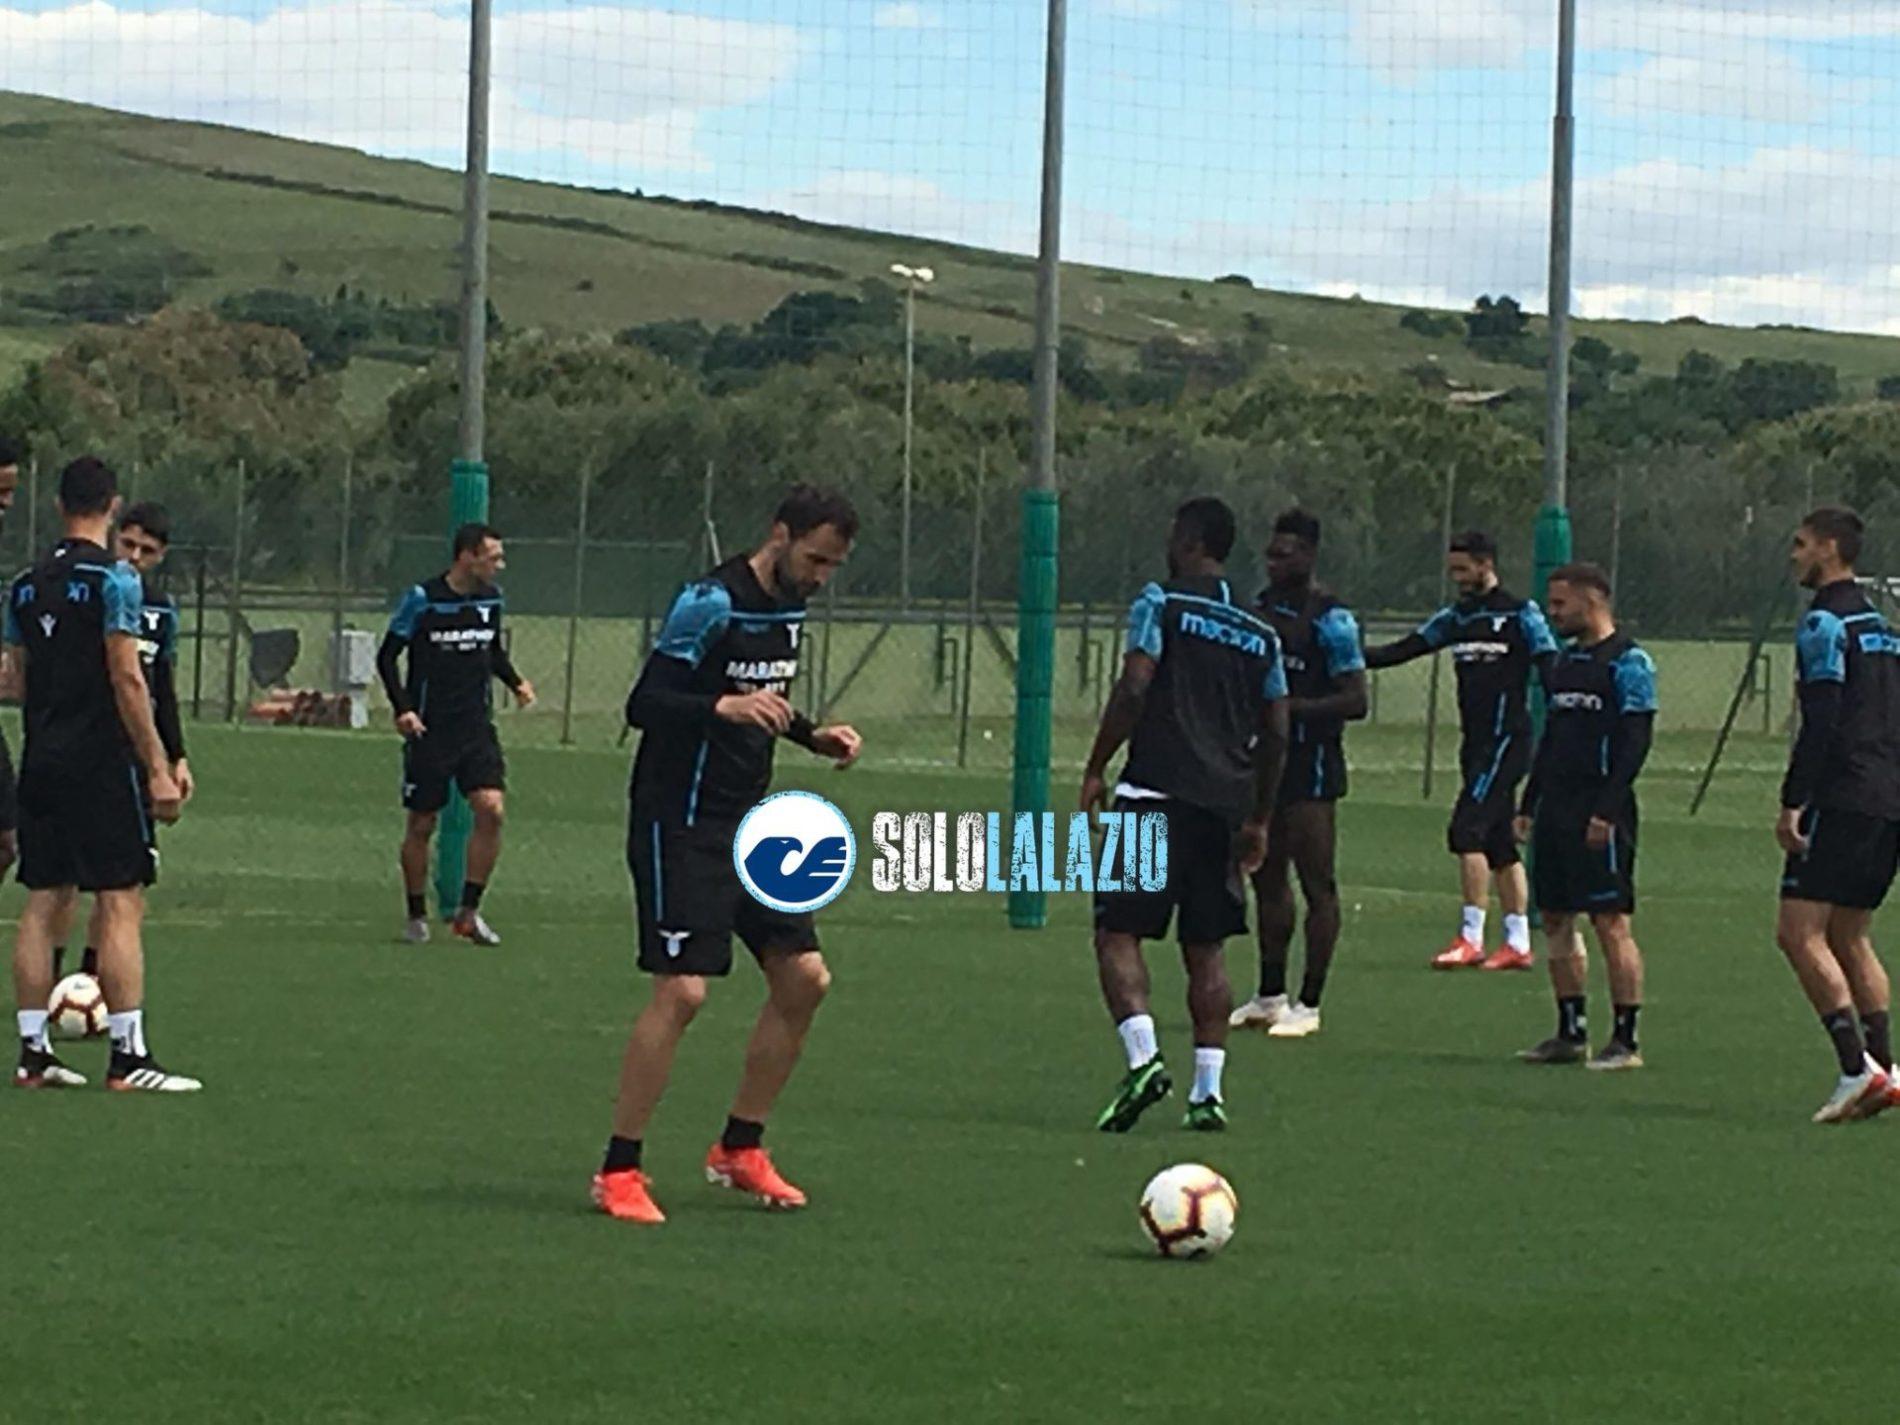 Lazio, confermata l'amichevole contro il Bournemouth